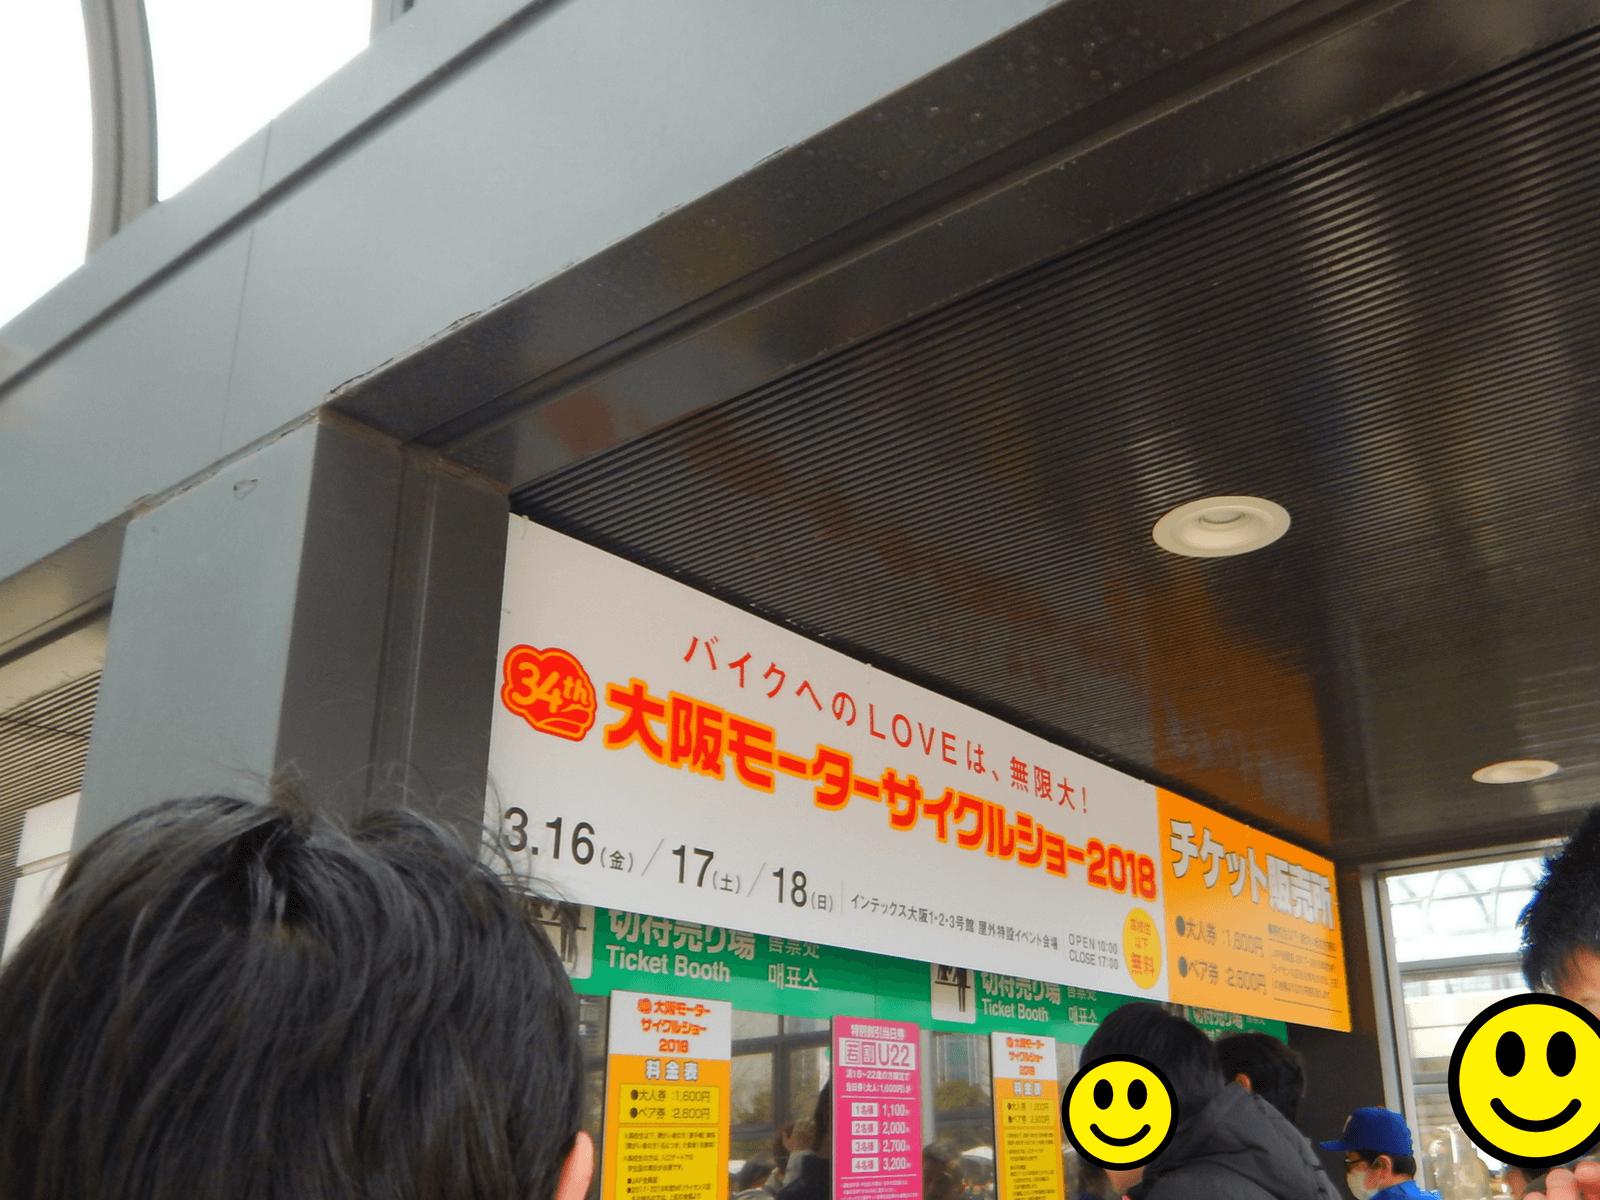 当日券1人1600円 前売りでは1300円